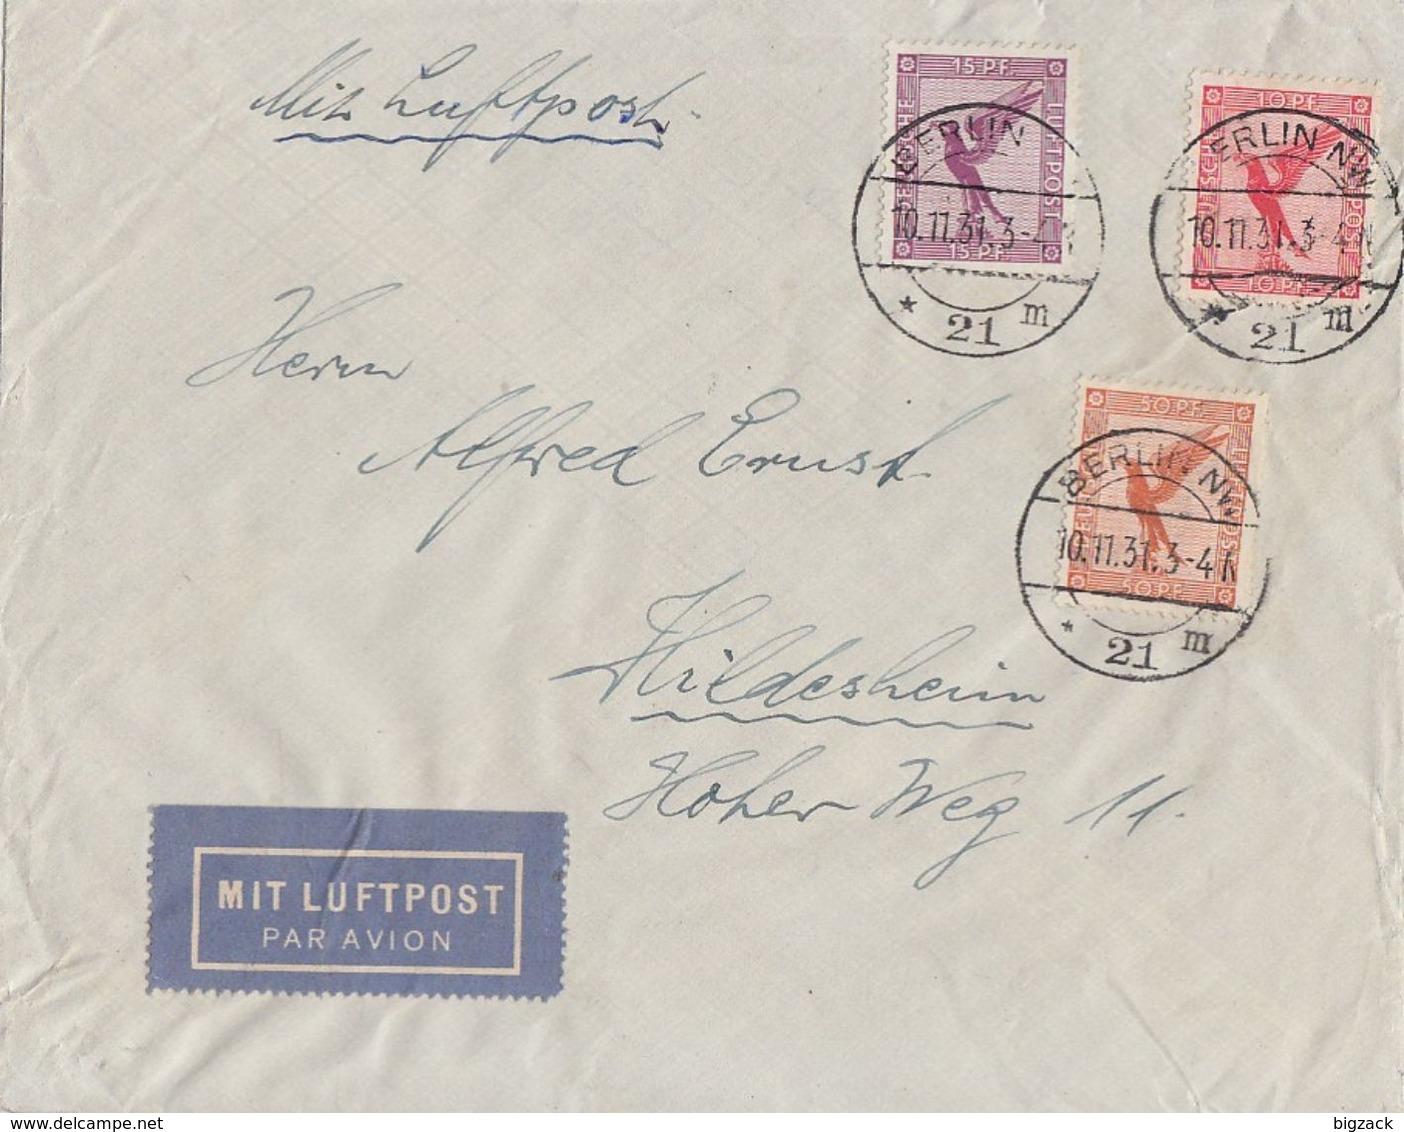 DR Luftpostbrief Mif Minr.379,A379,381 Berlin 10.11.31 - Briefe U. Dokumente